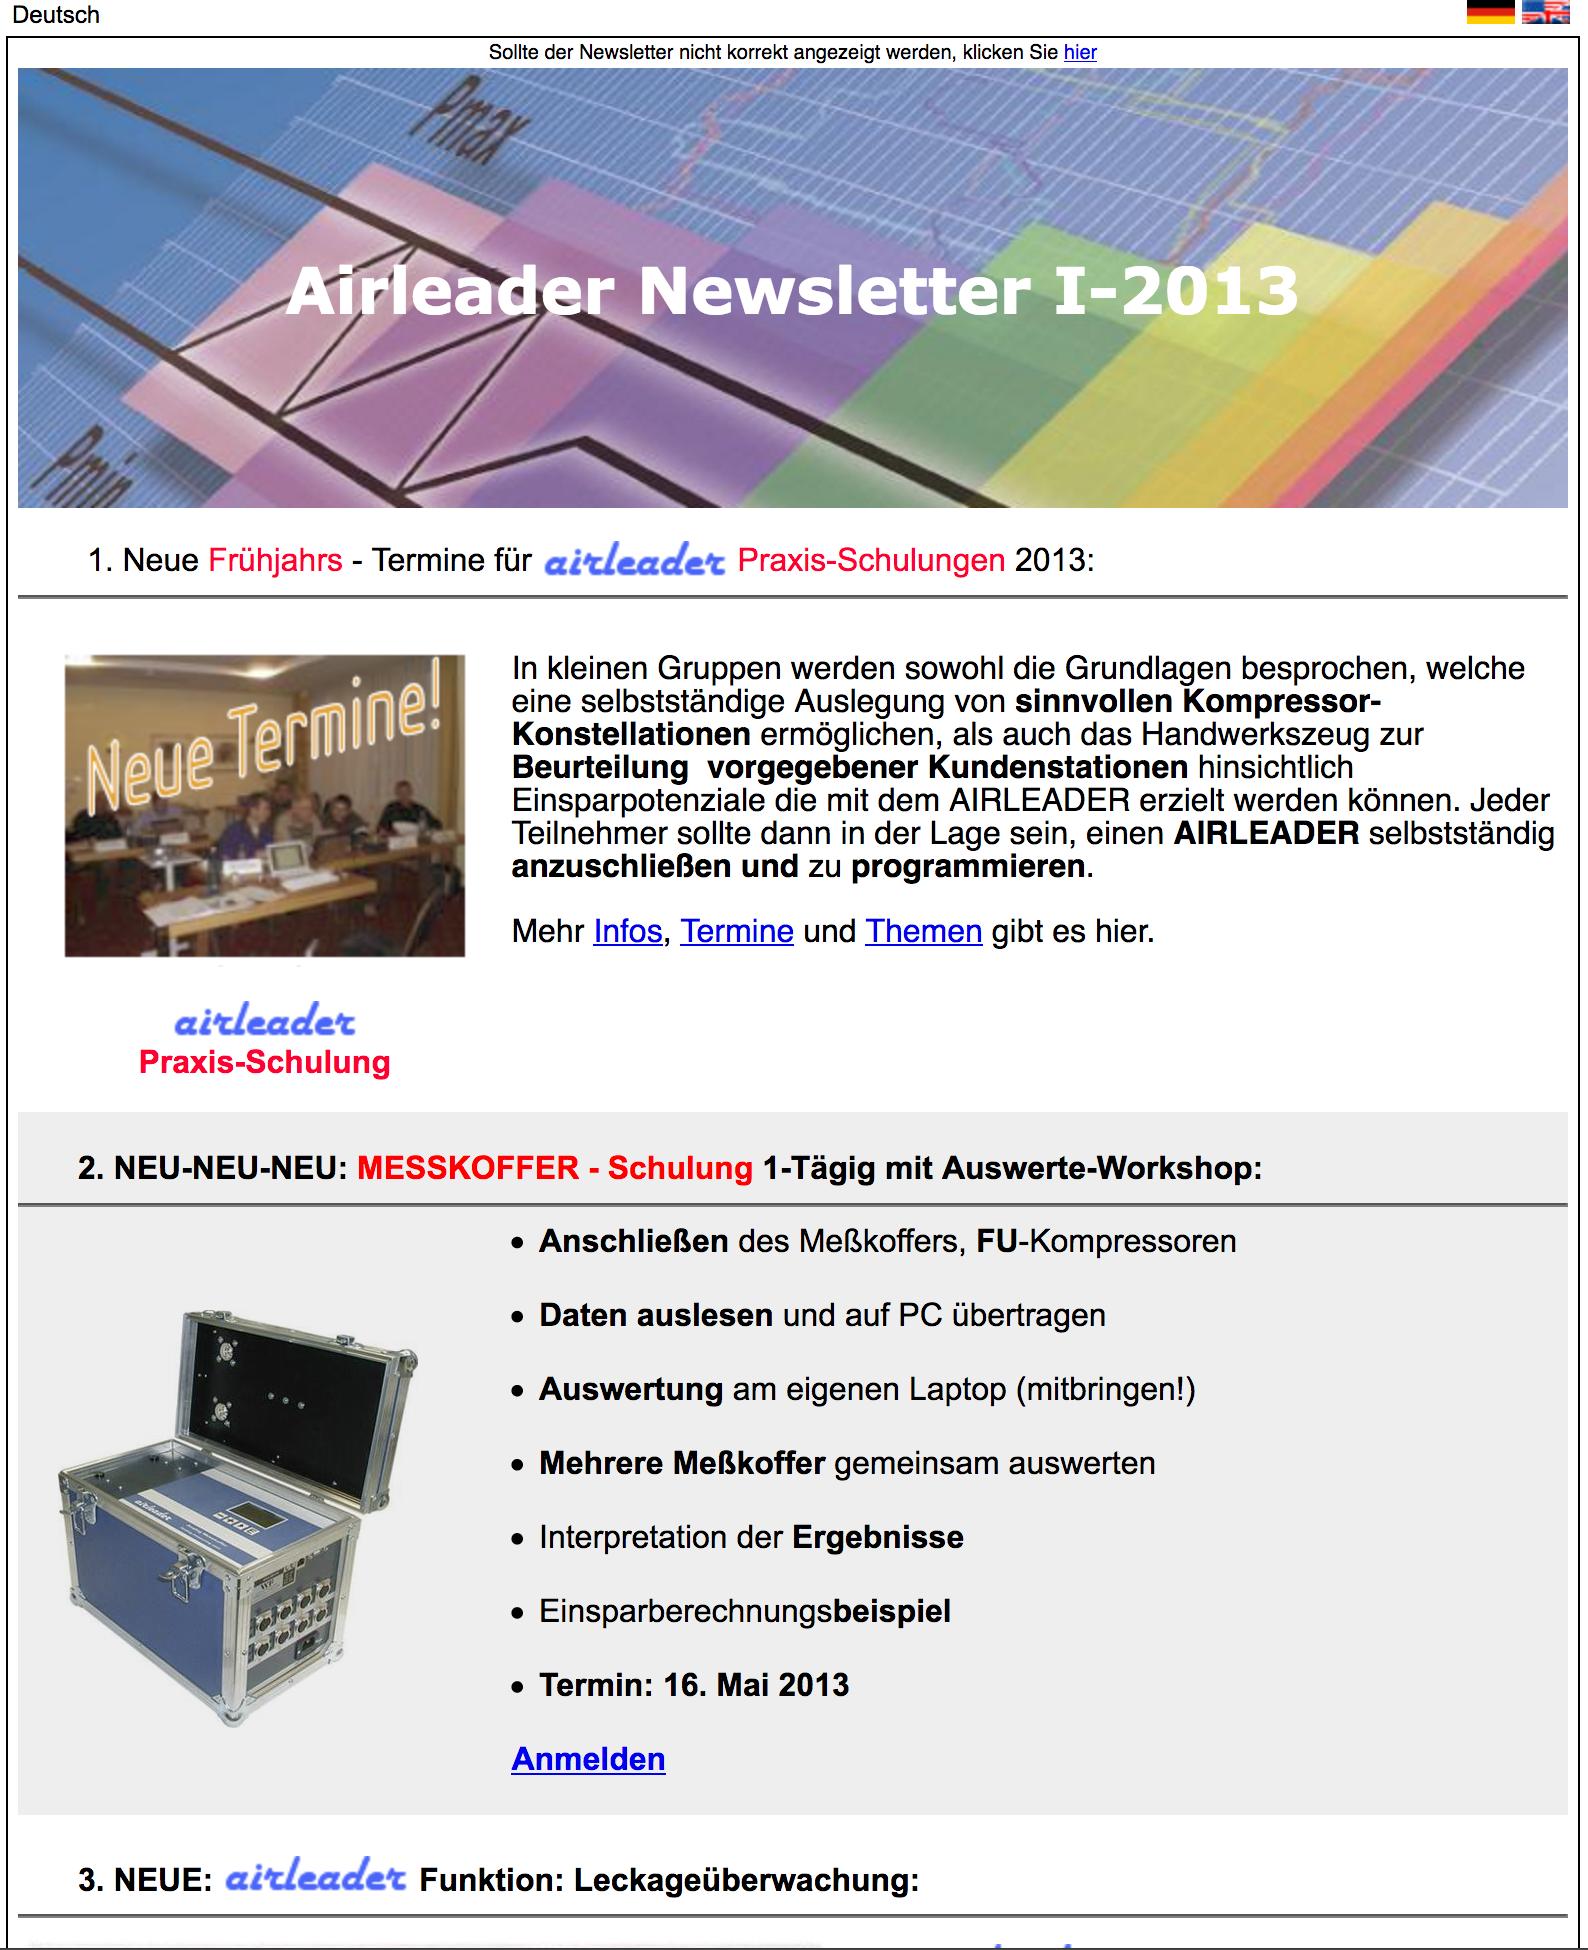 Airl Newsletter I 2013